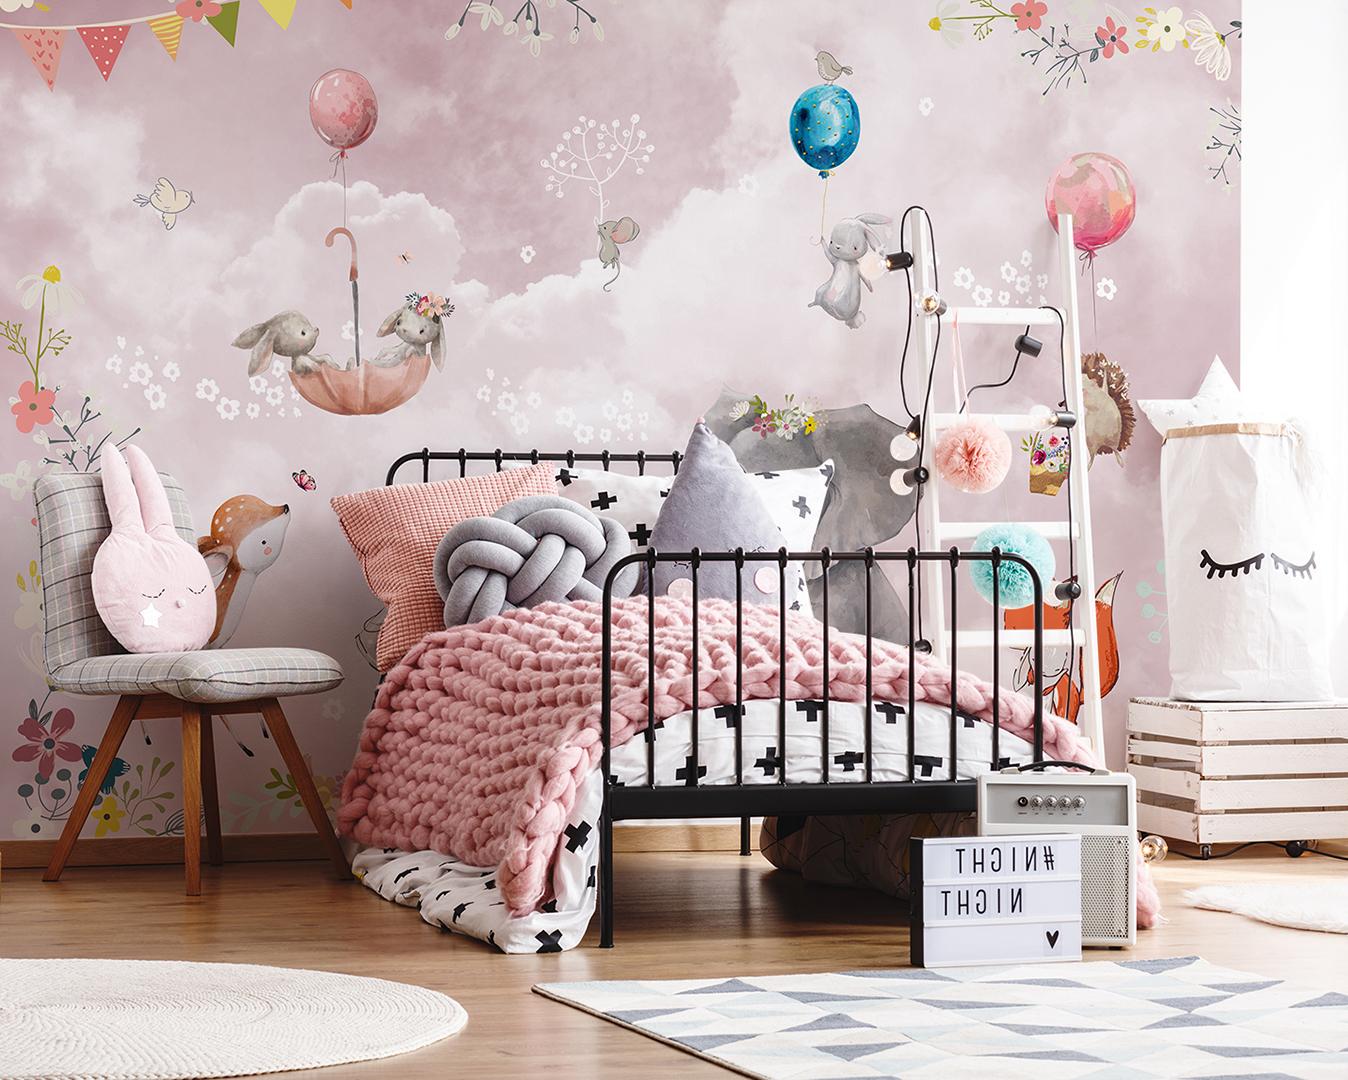 Фотообои в скандинавском стиле в детскую комнату